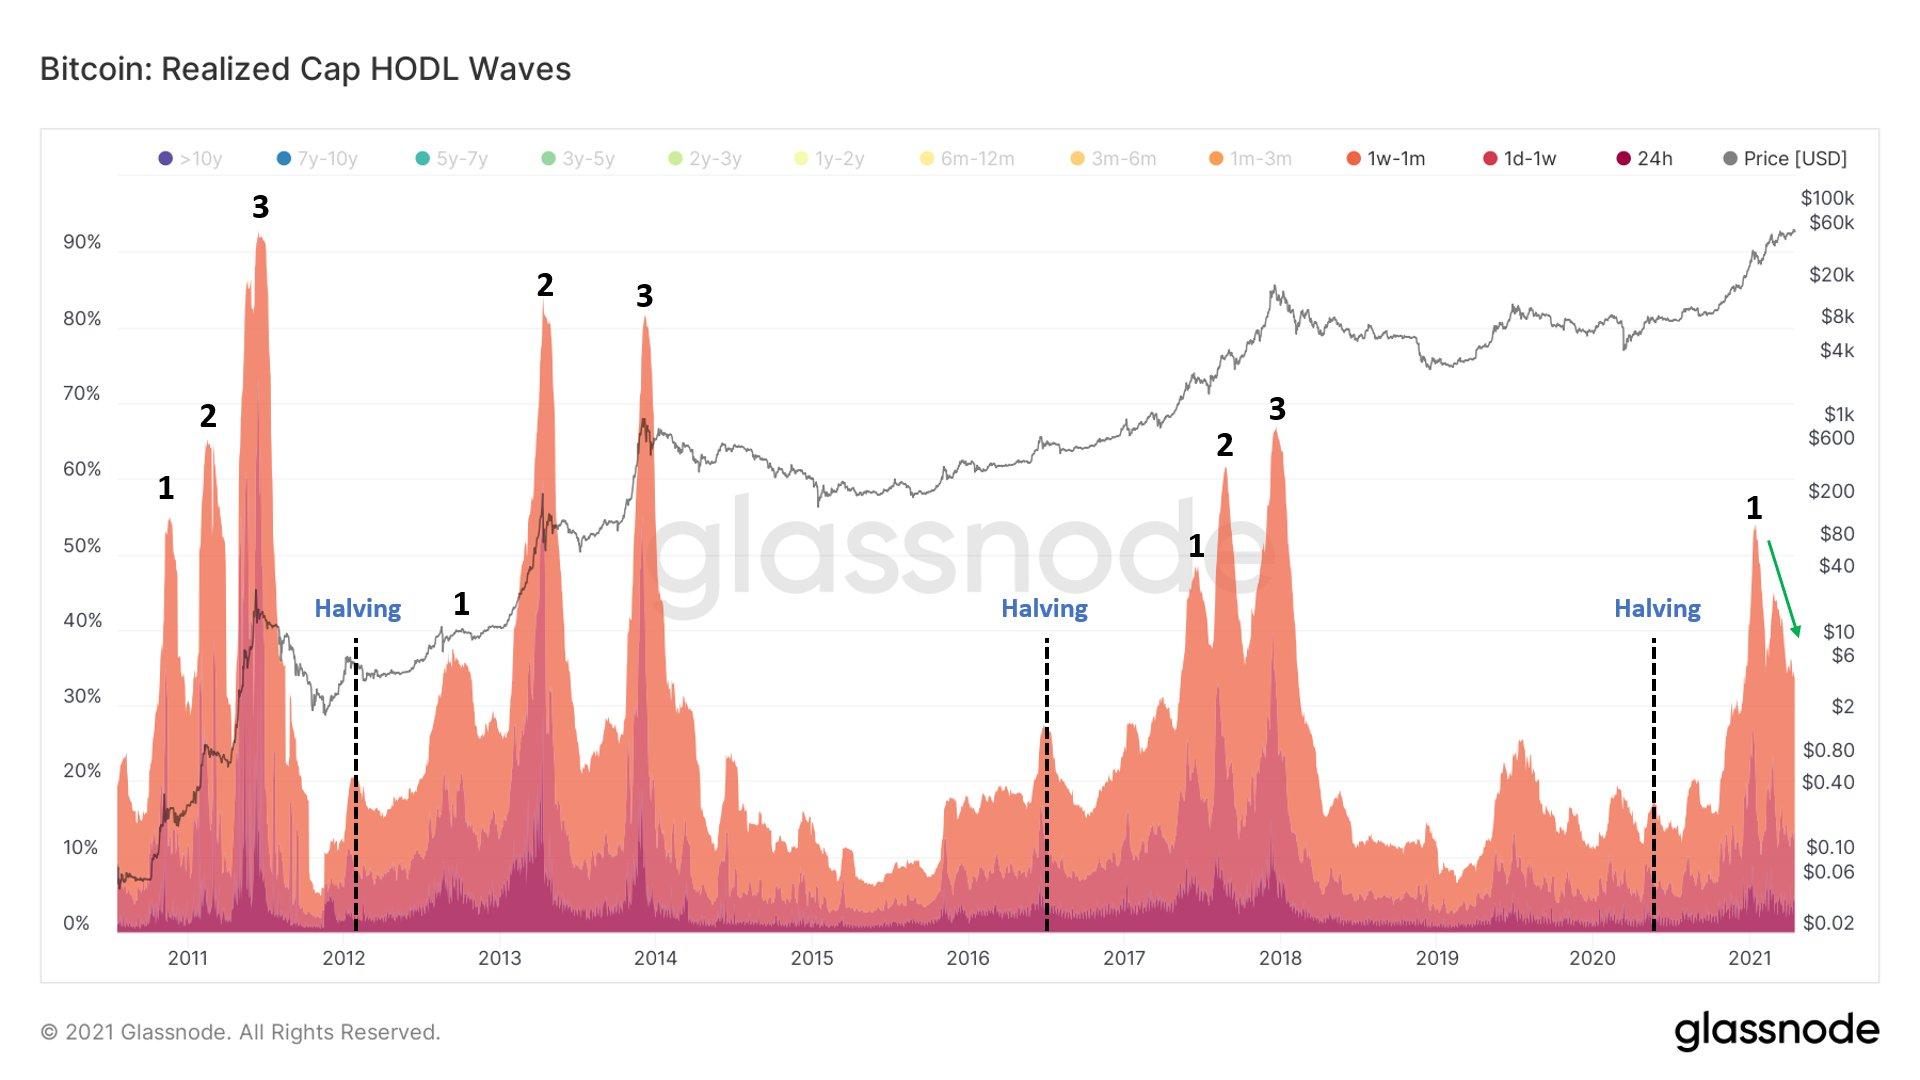 Glassnode: HODL Waves und Halving